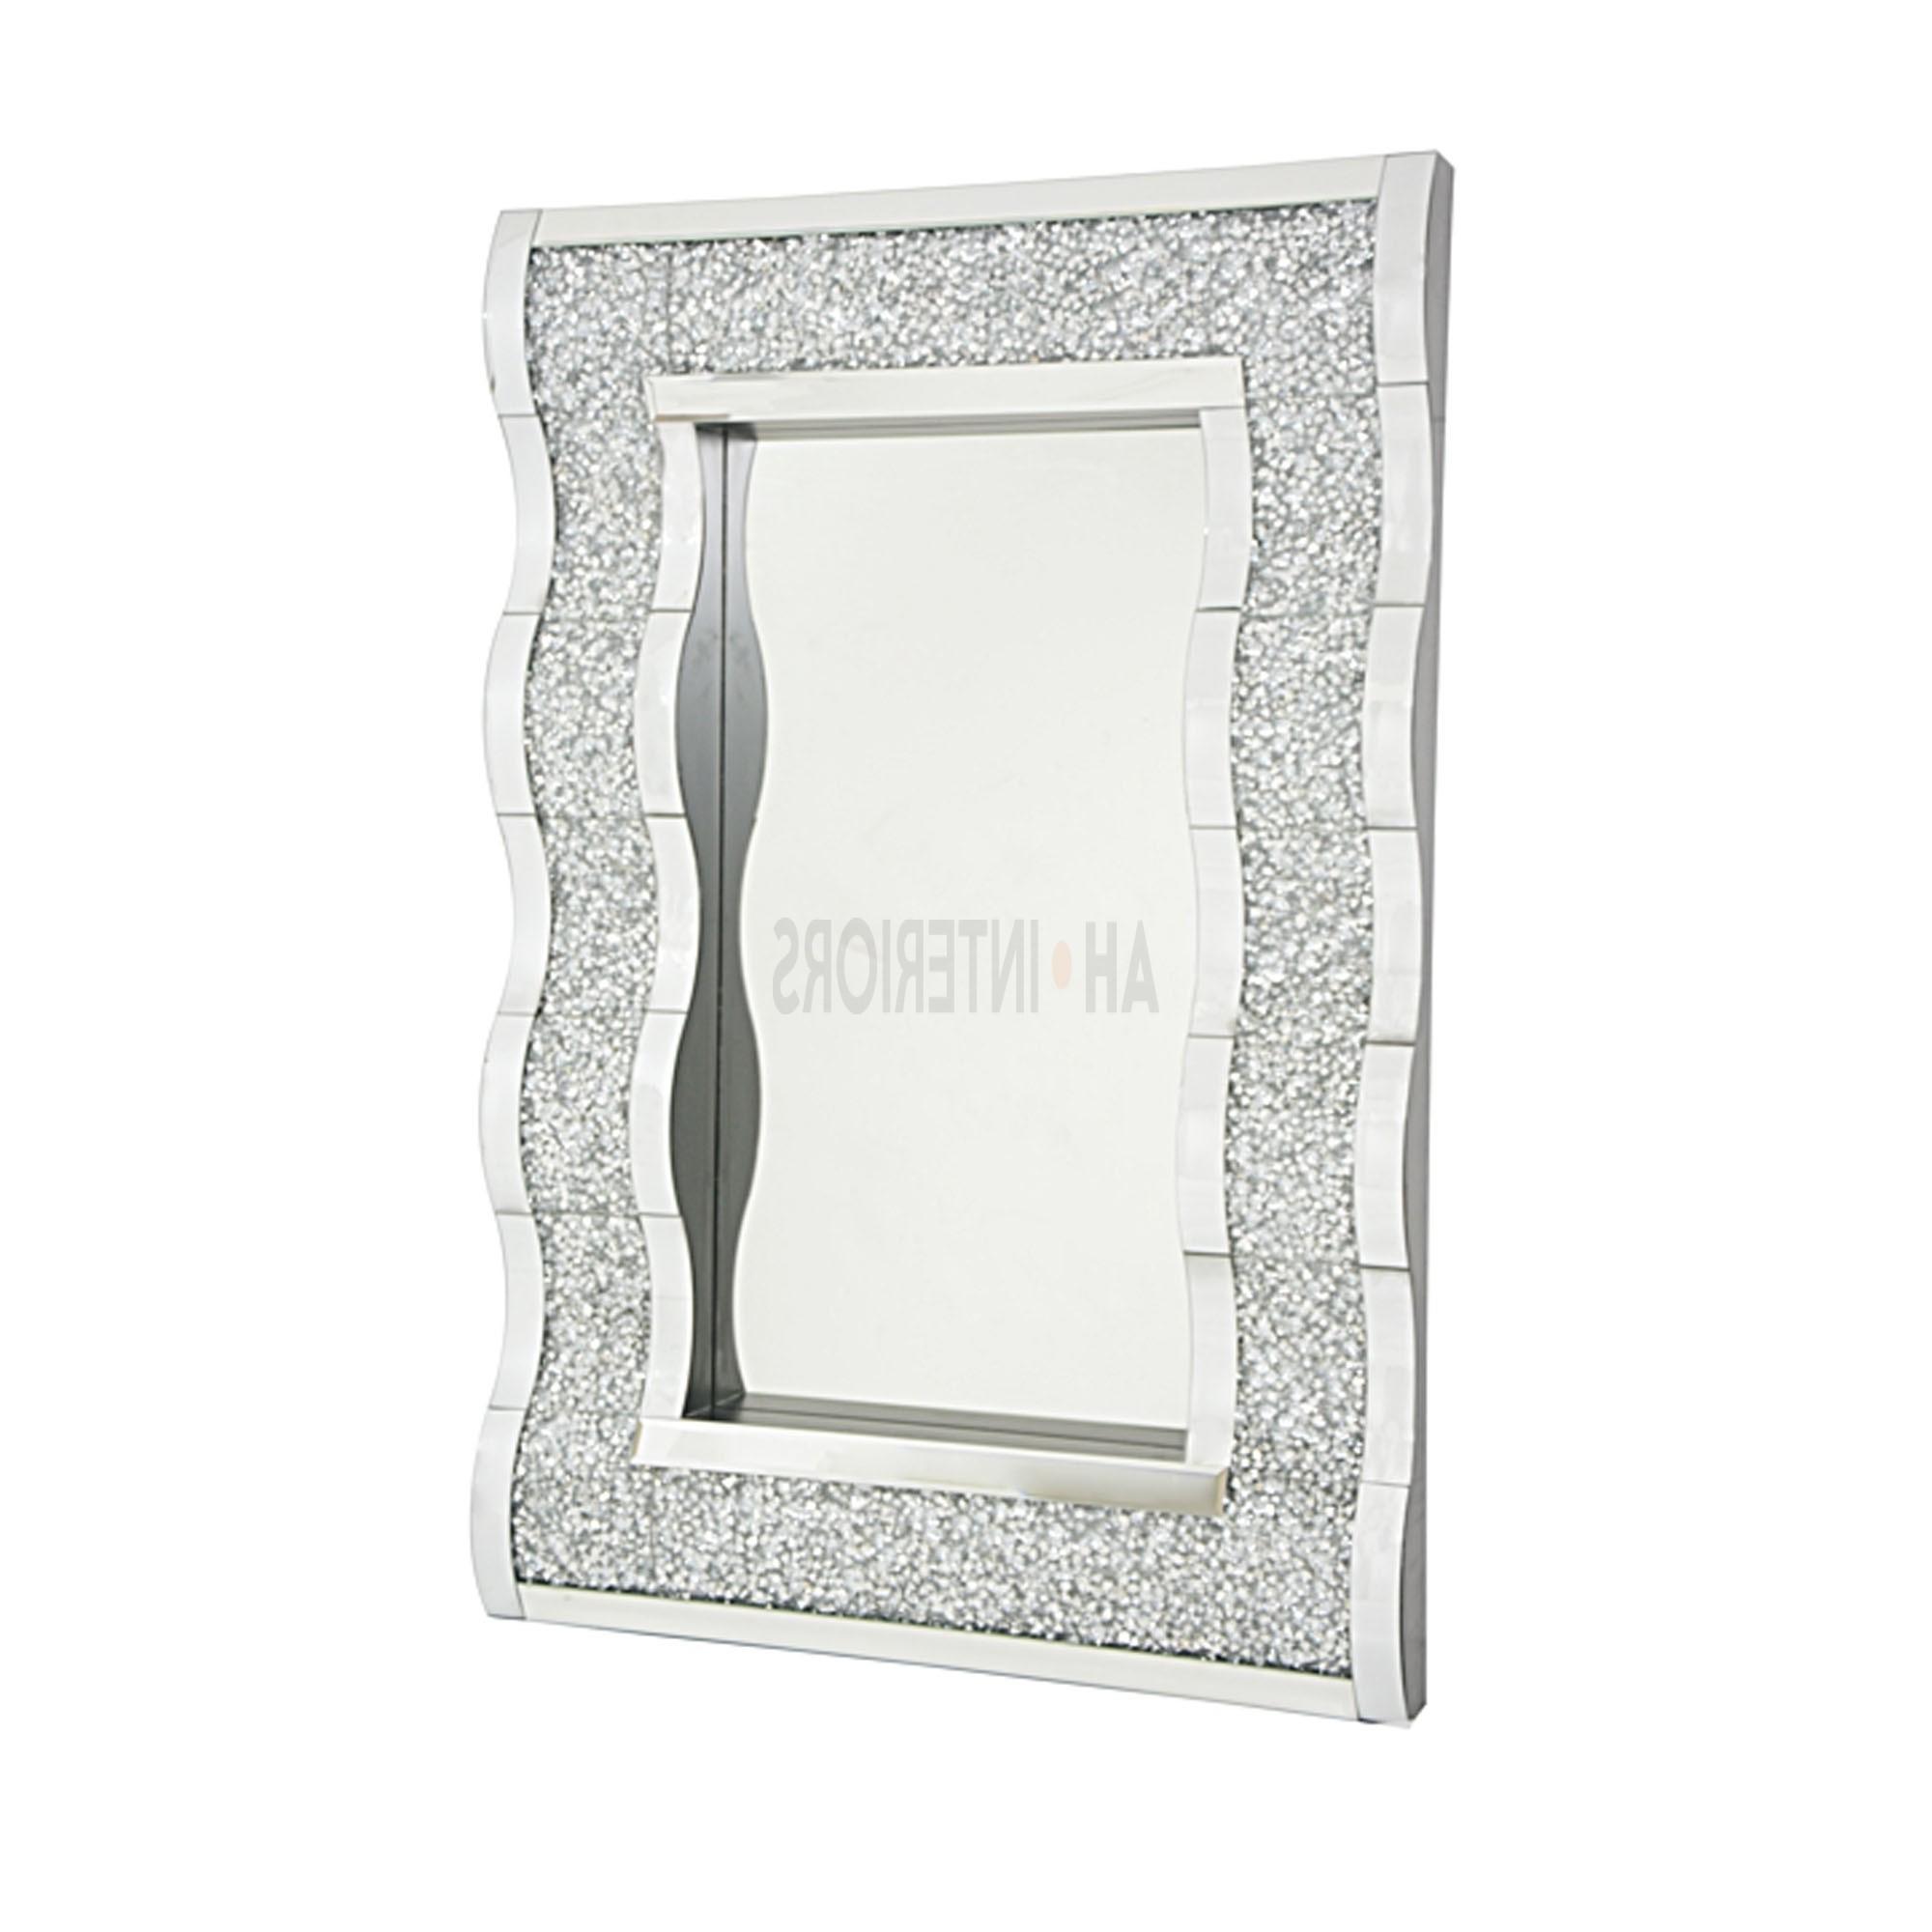 Contemporary Sparkling Diamond Surround (View 8 of 20)